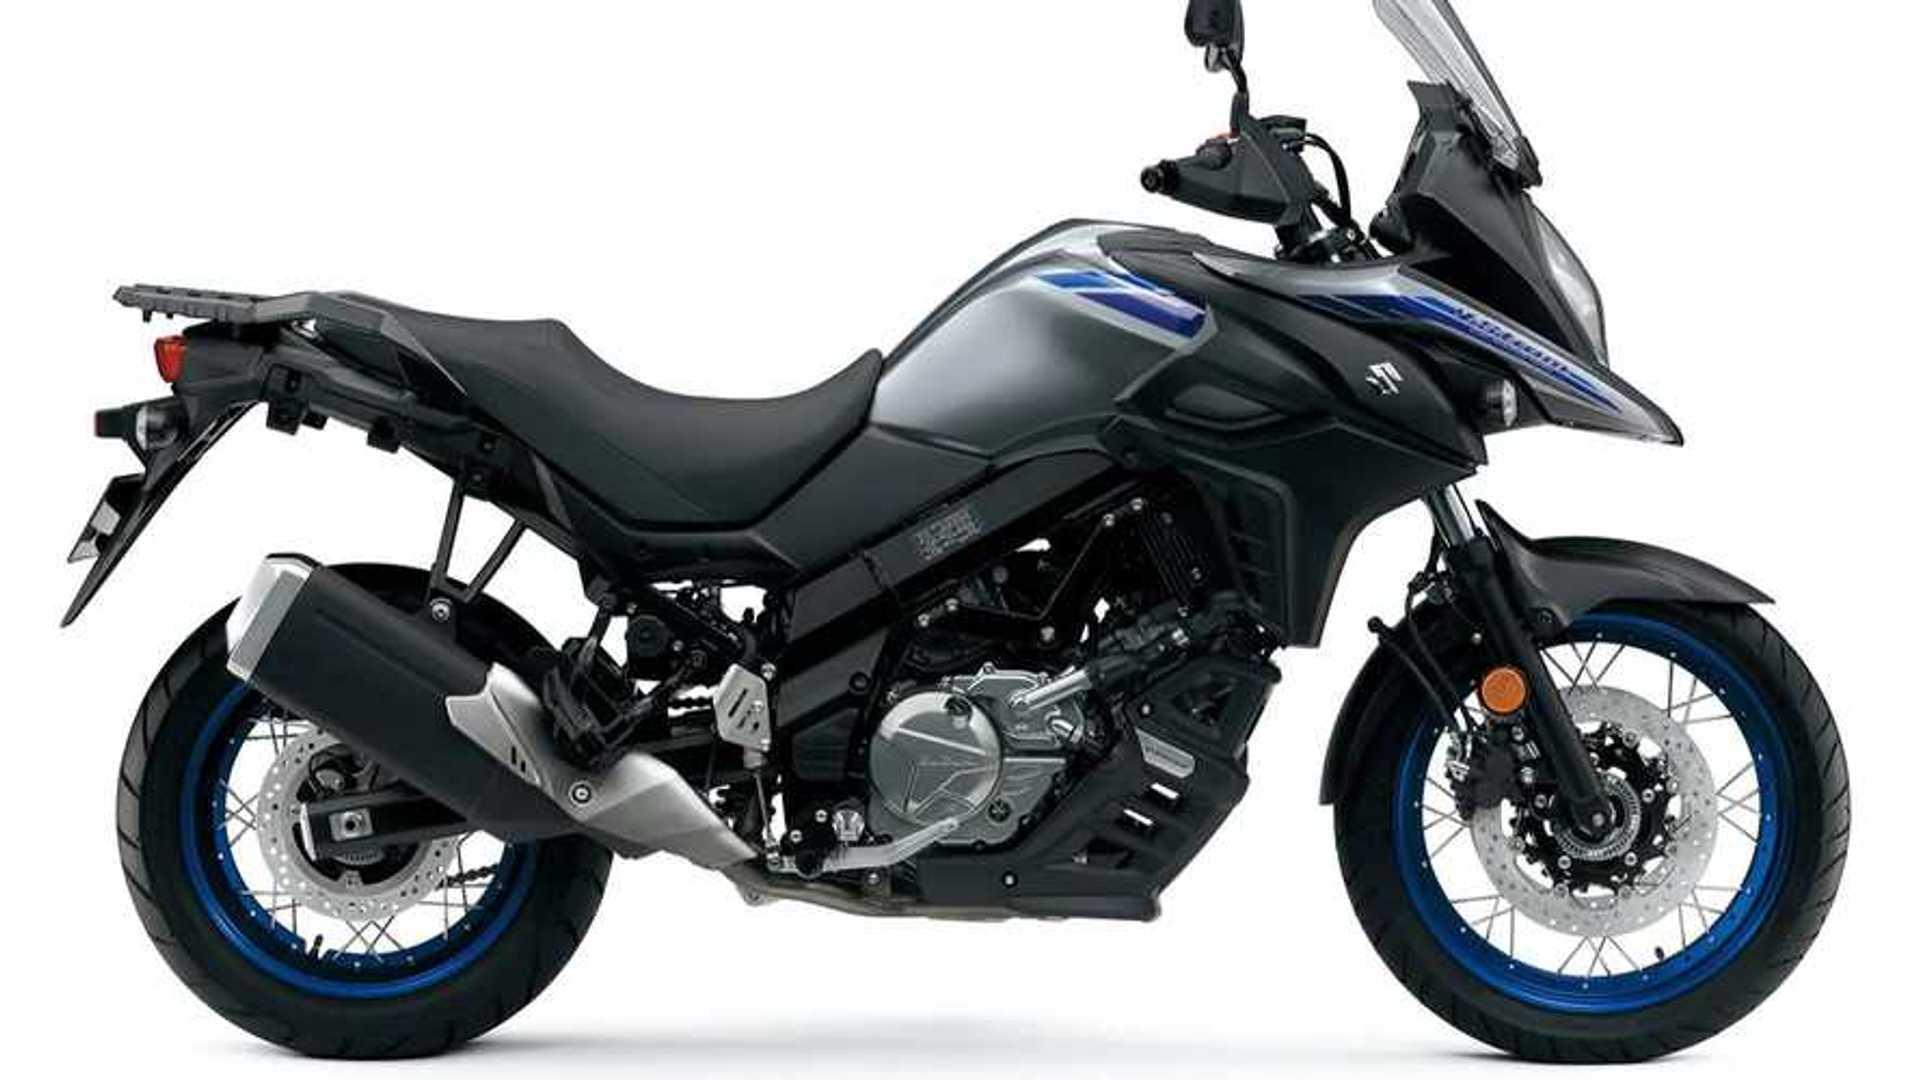 SUZUKI DL650 V-STROM for sale [ref: 56700760]   MCN